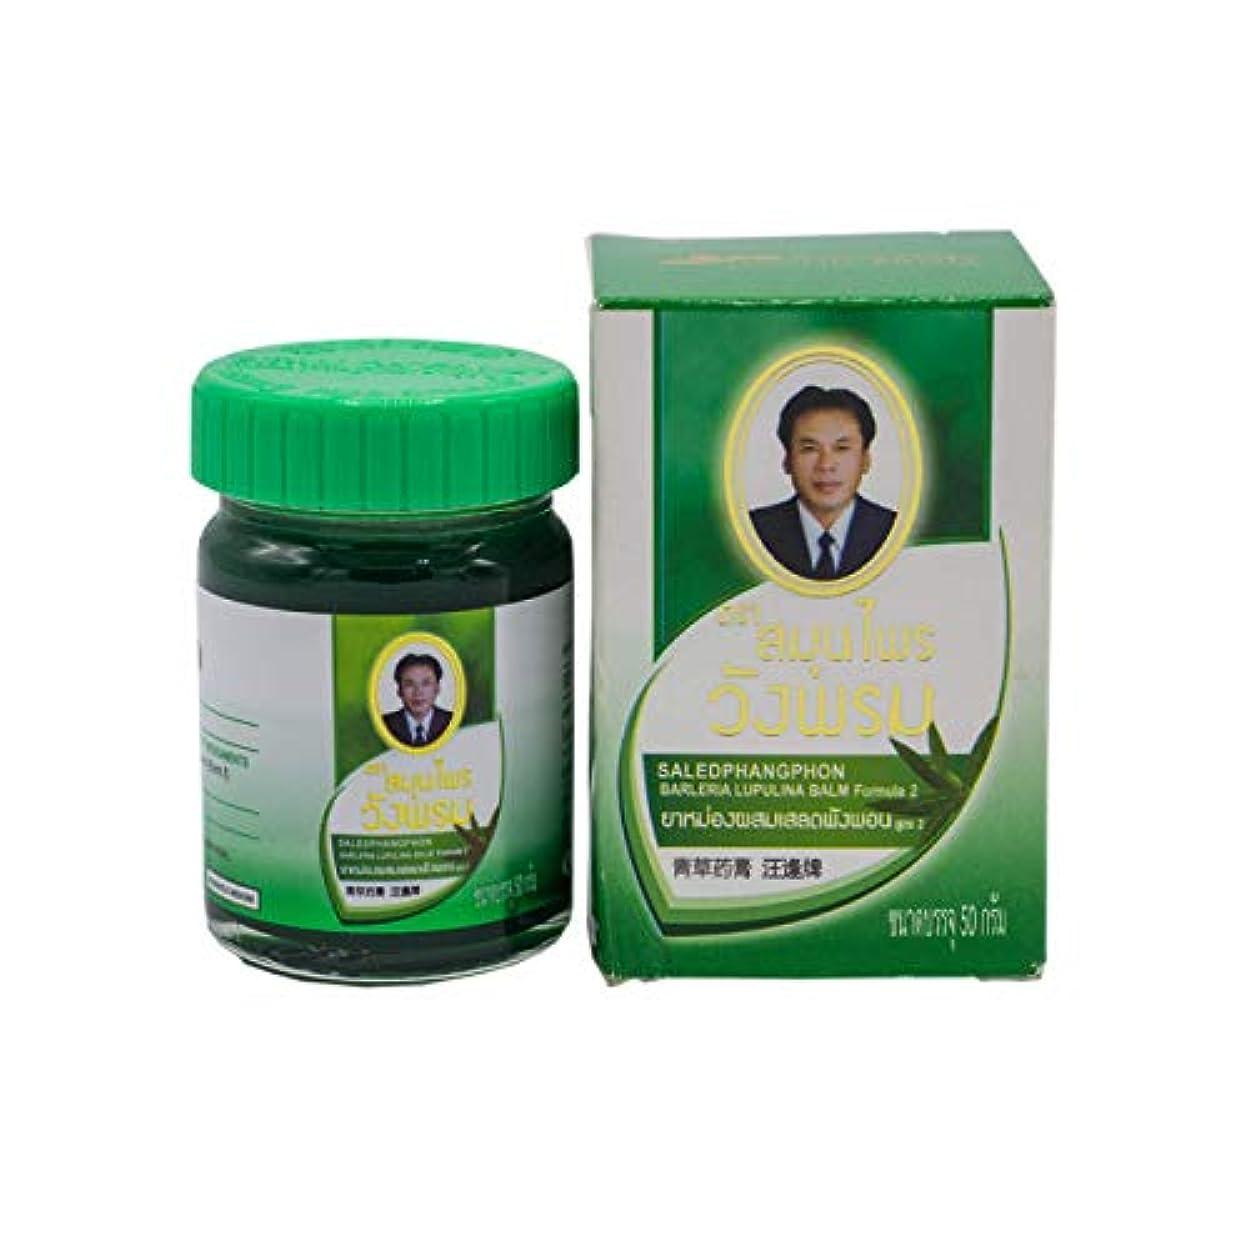 羊飼い雑種留め金50G.Wangphrom Thai Herbal Balm Massage Body Relief Muscle Pain,Thai Herb Green Balm (COOL) size 50 gram..(2 pc.)